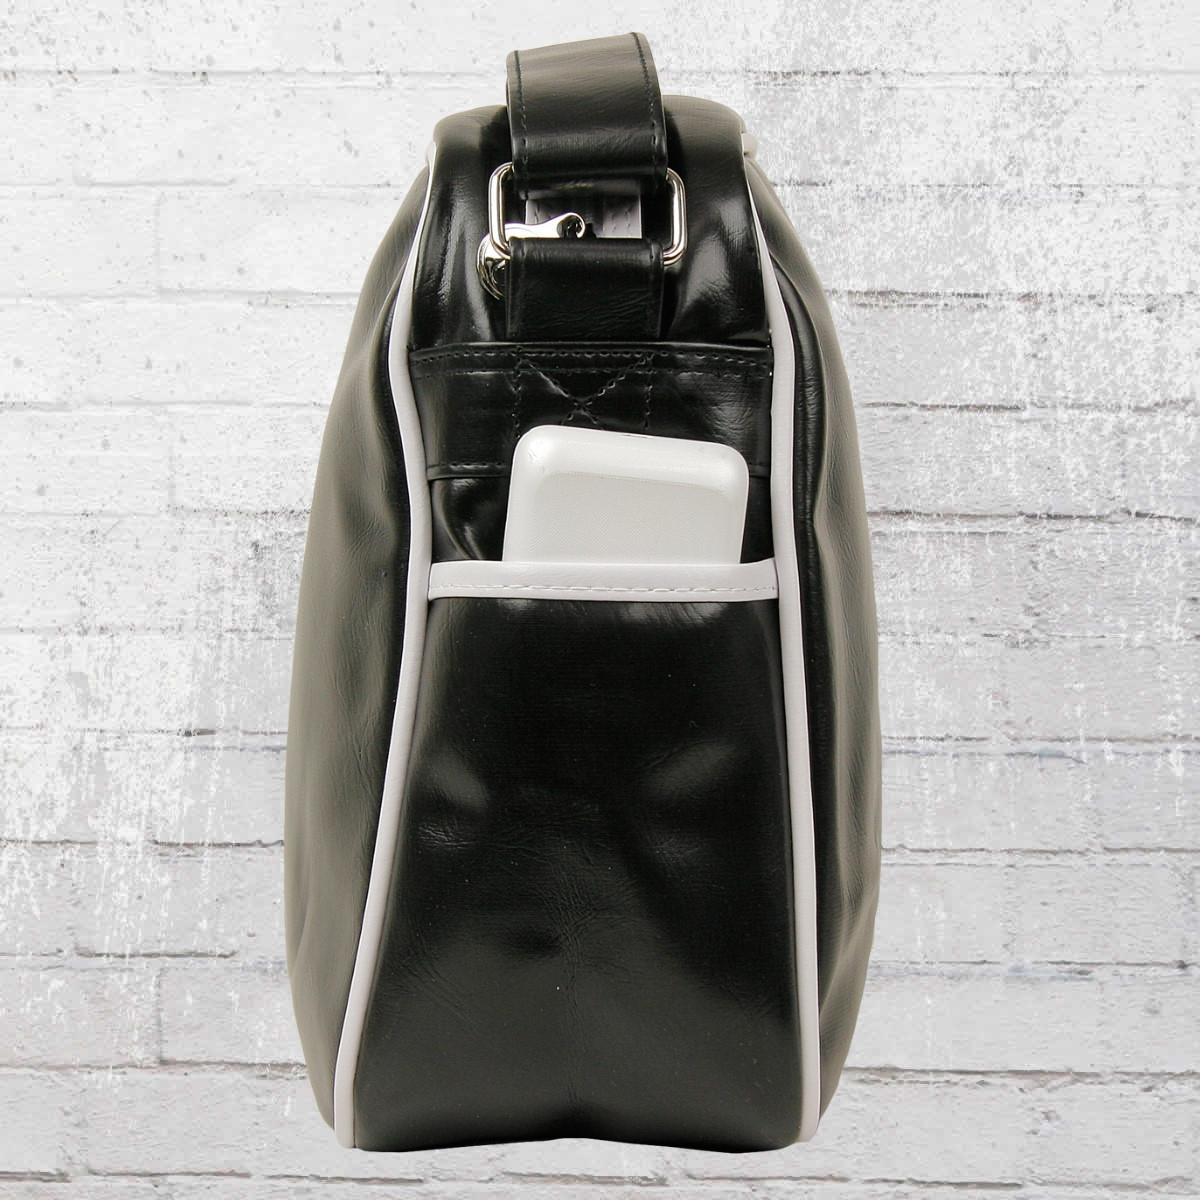 jetzt bestellen gola tasche redford retro bag schultertasche schwarz weiss krasse. Black Bedroom Furniture Sets. Home Design Ideas